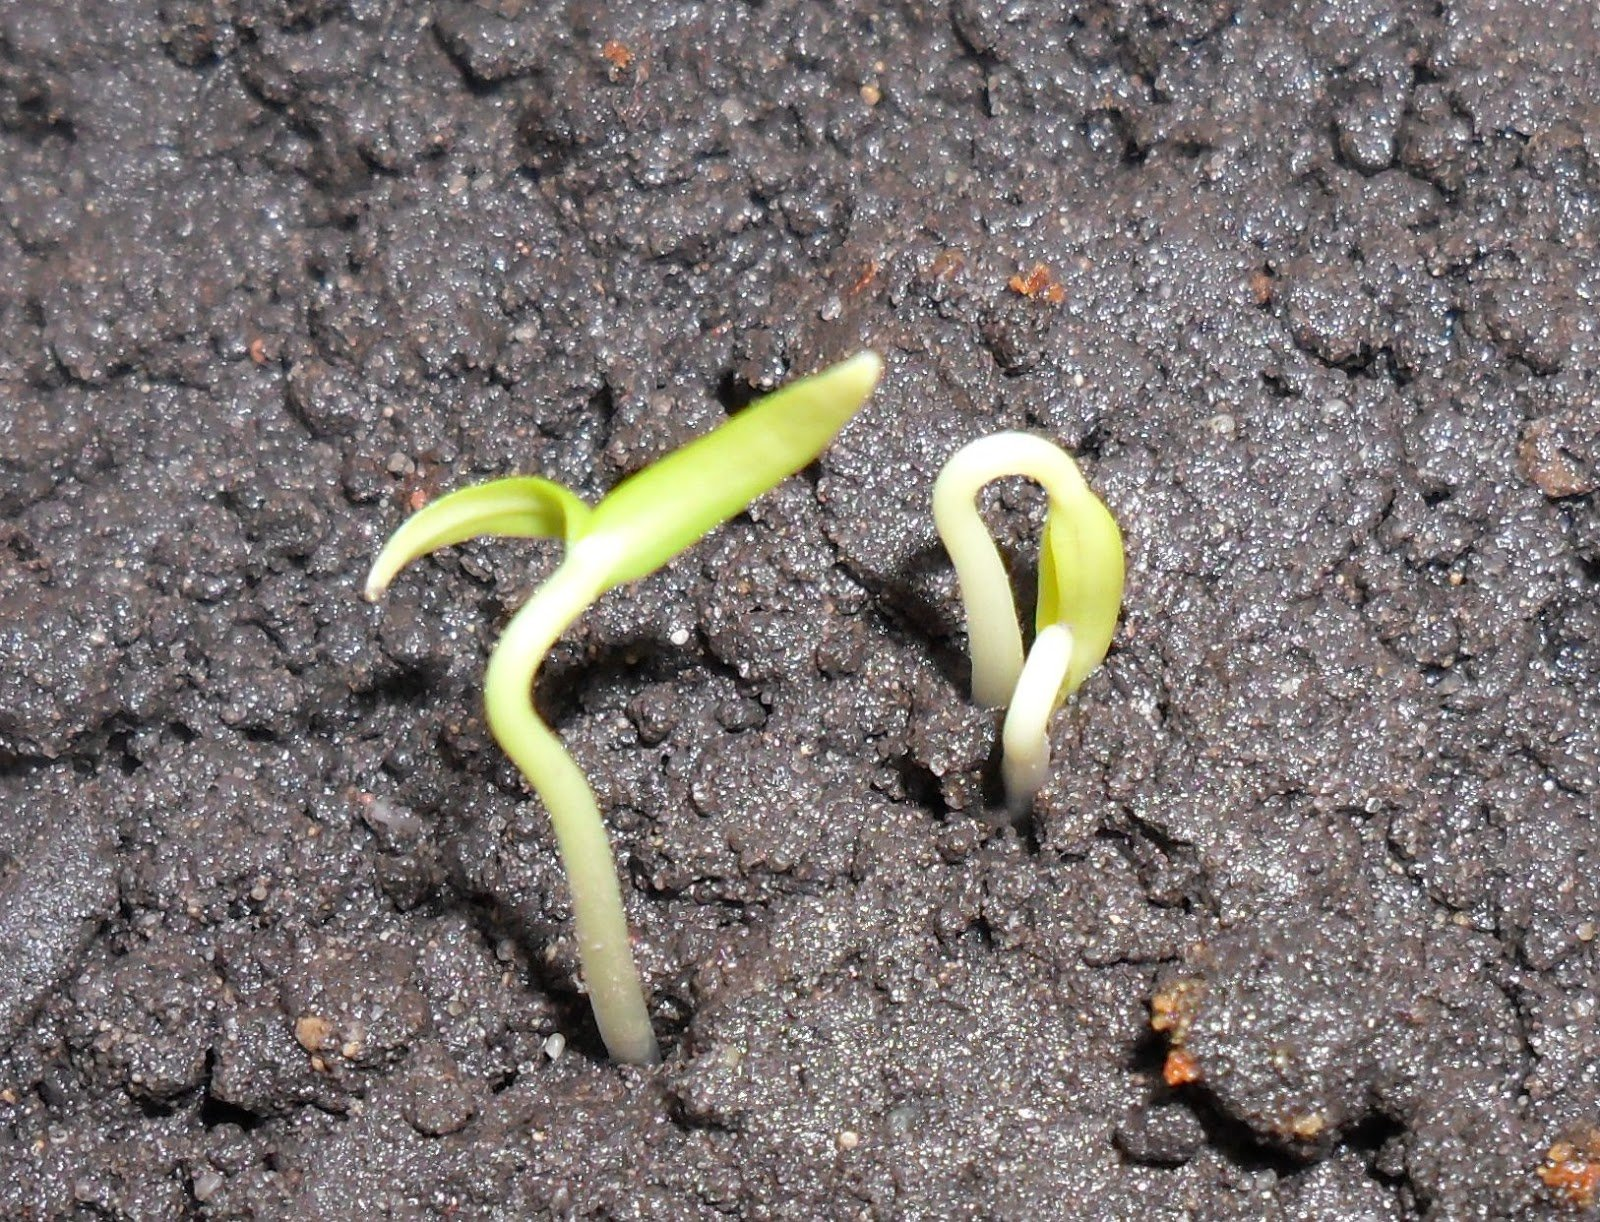 картинка всхожести семян